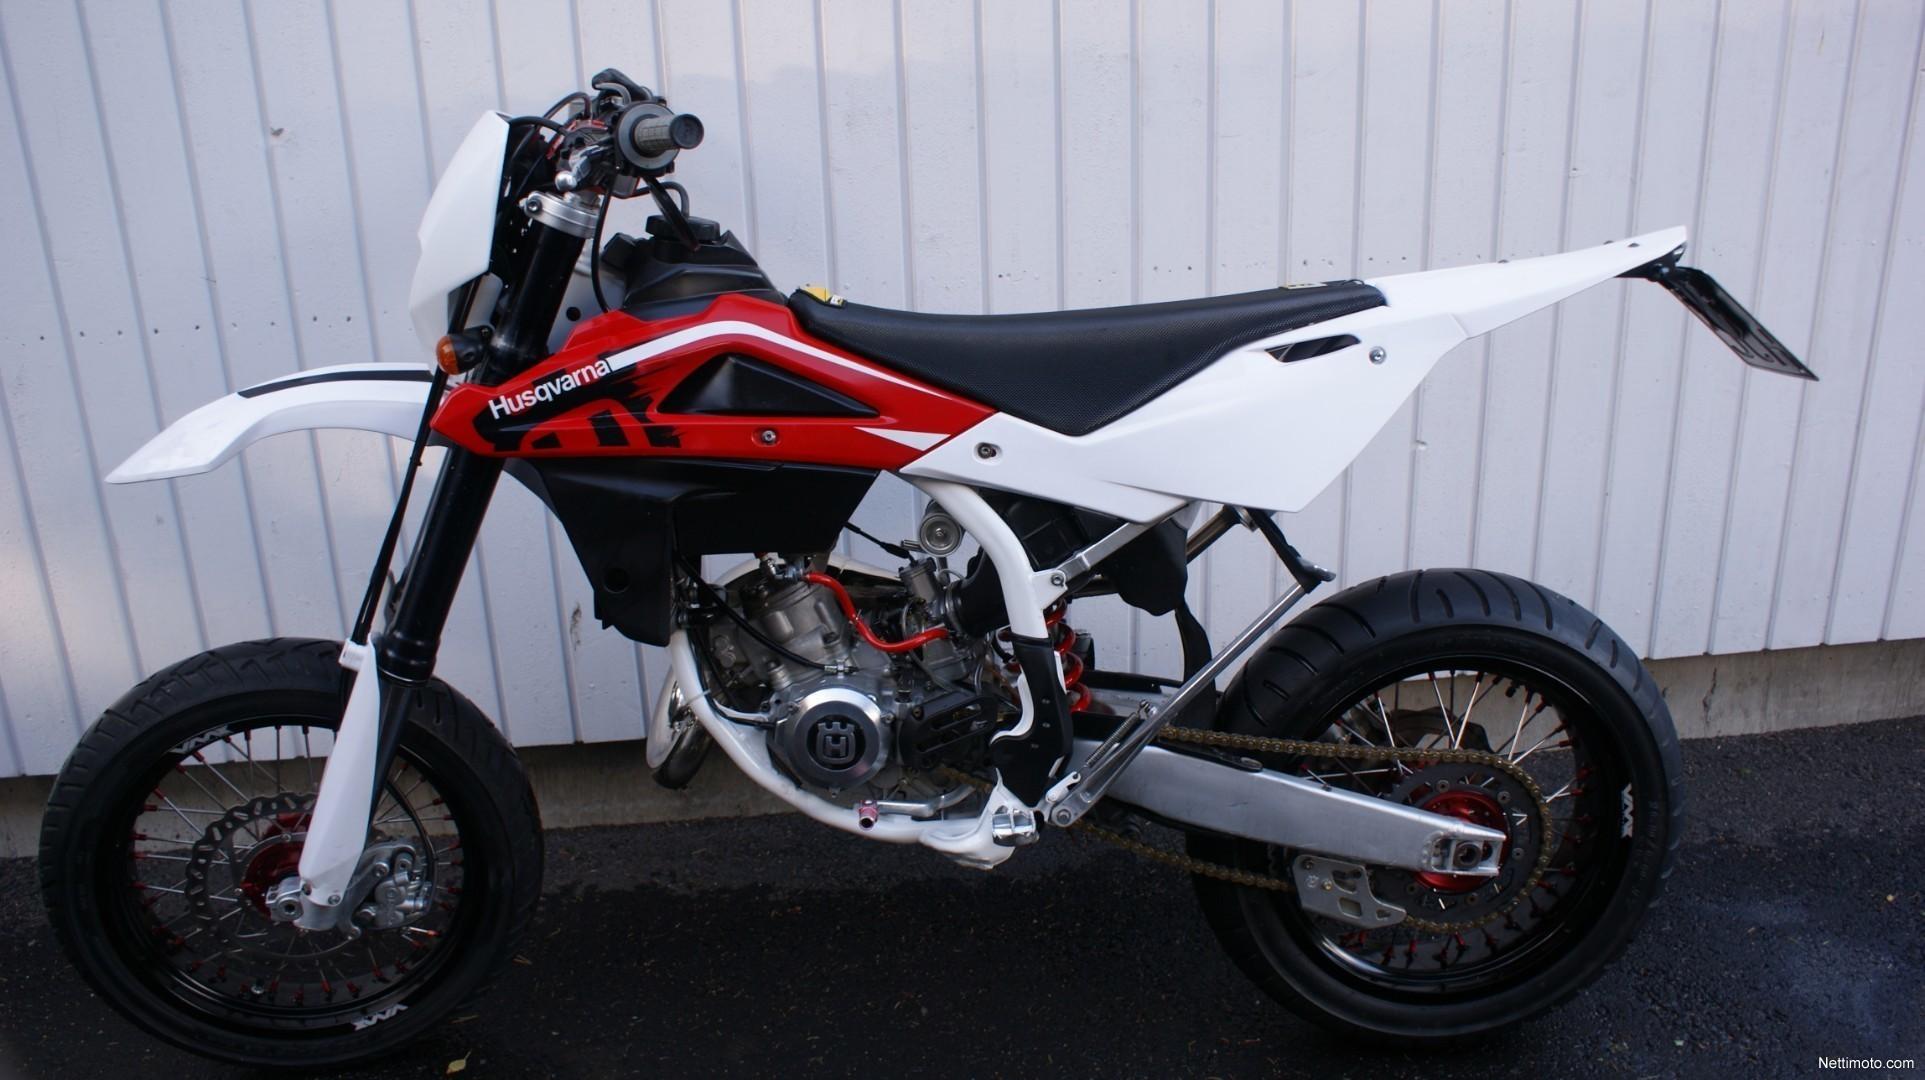 2005 Husqvarna WR 125 - Moto.ZombDrive.COM